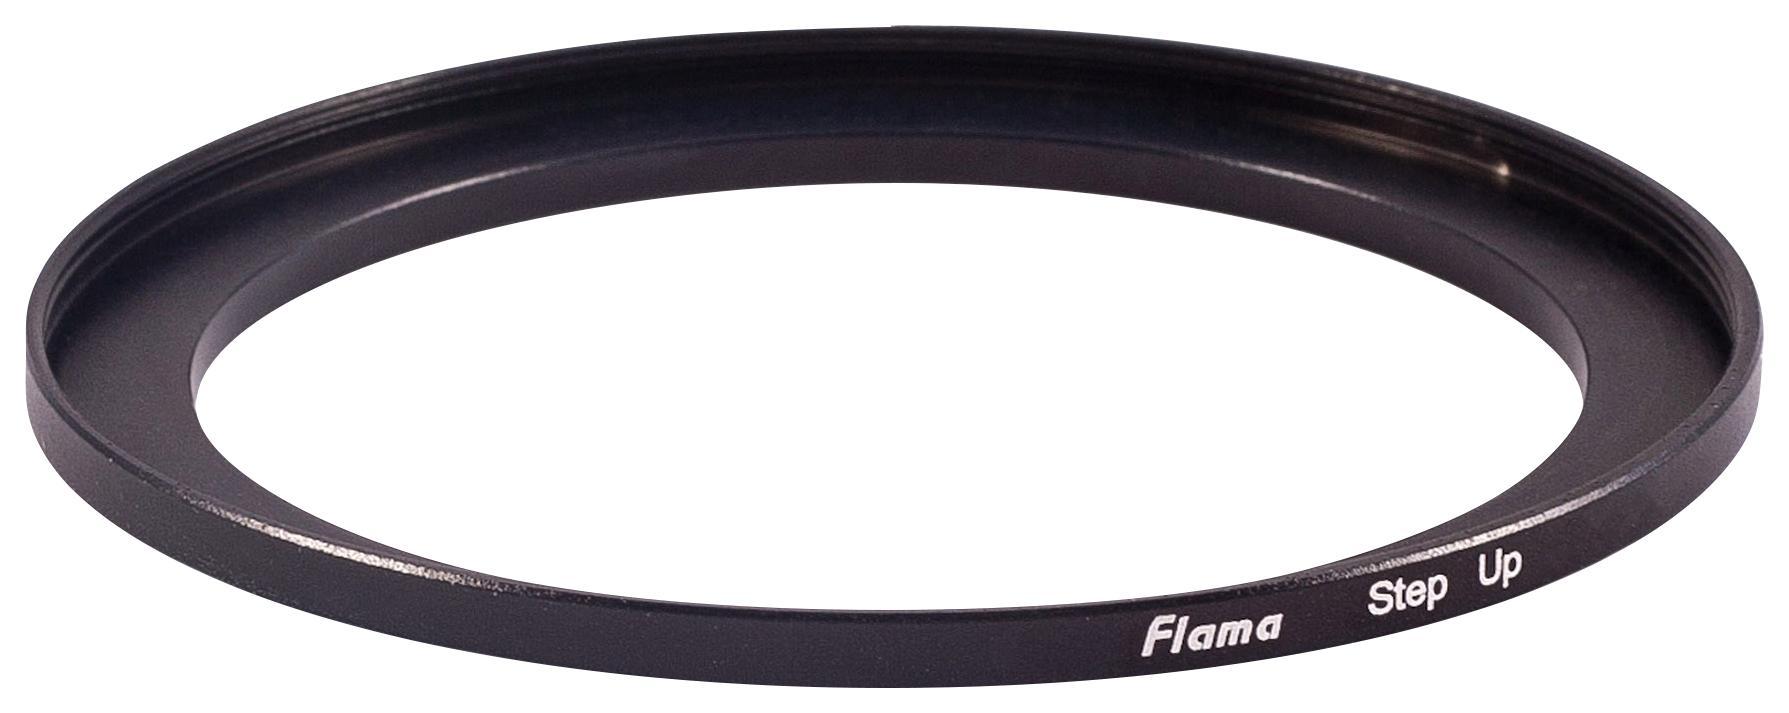 Flama переходное кольцо для фильтра 52-58 mmПереходное кольцо для фильтра Flama 52-58 mm помогает расширить возможности для съемки, подходит для любых объективов. Оно позволяет устанавливать на объектив фотоаппарата светофильтры разного диаметра. Переходное кольцо для фильтра Flama 52-58 мм необход...<br>